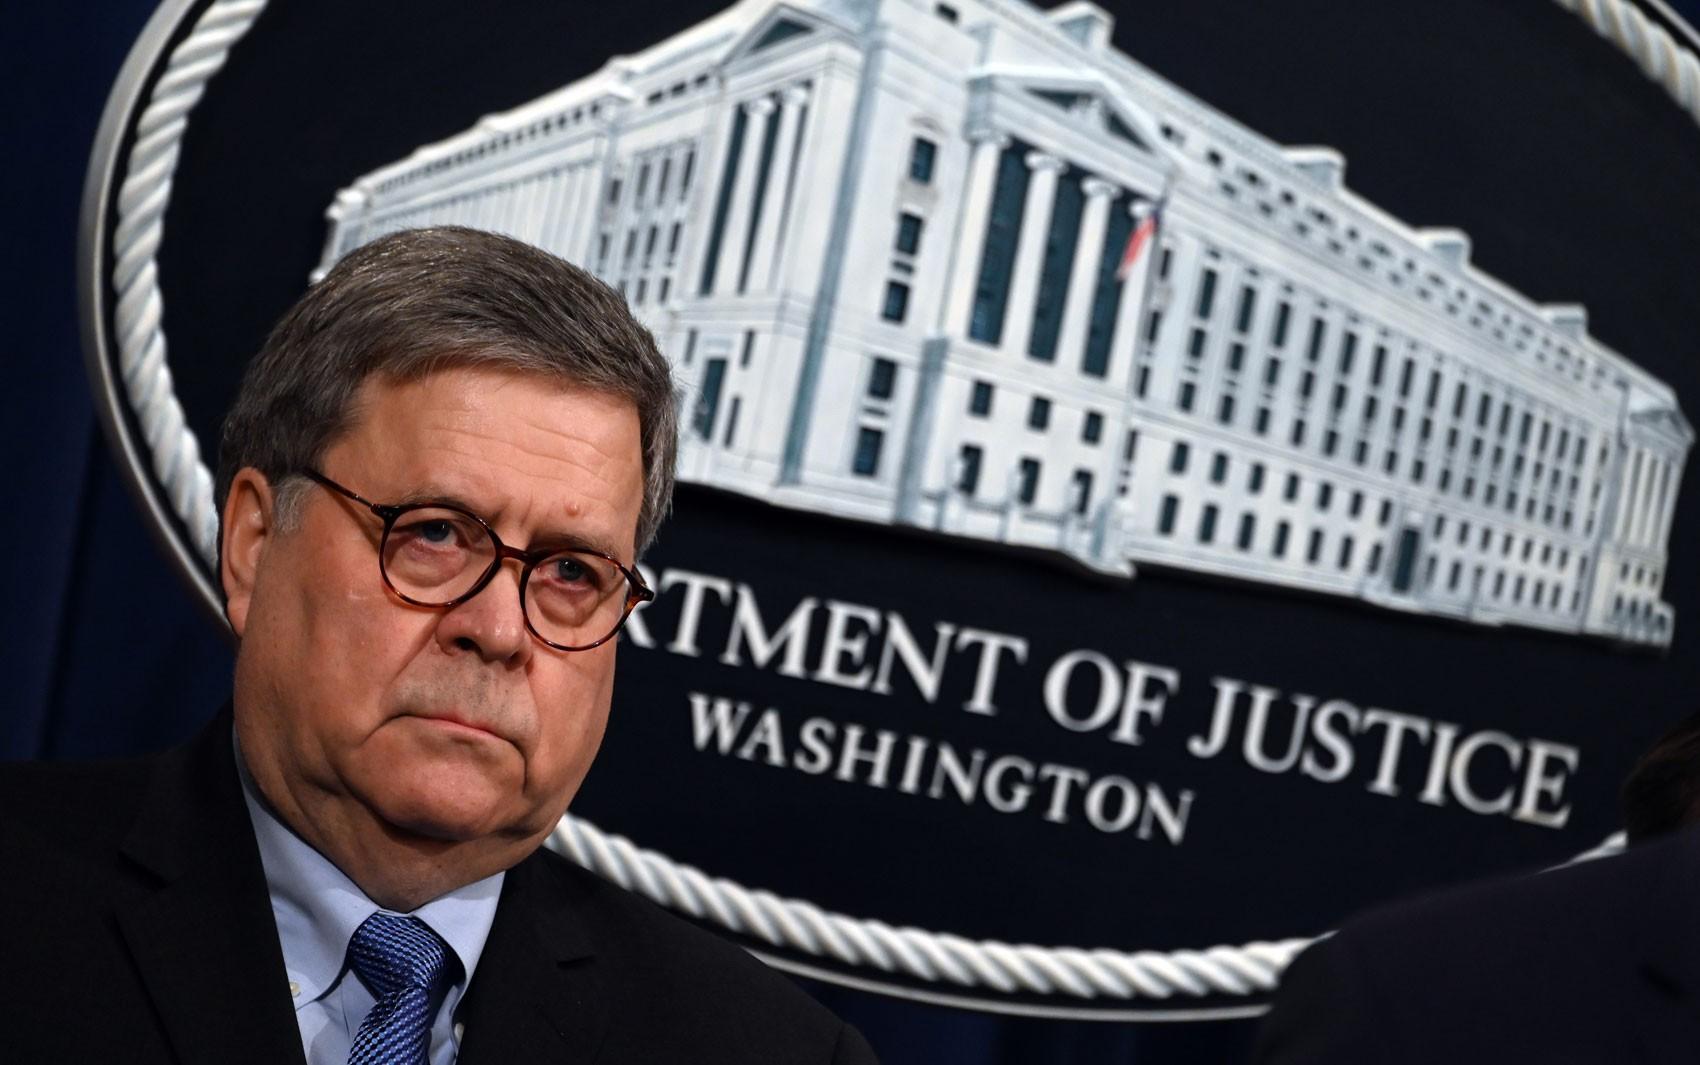 Procurador-geral dos EUA Bill Barr irá deixar o cargo, anuncia Donald Trump